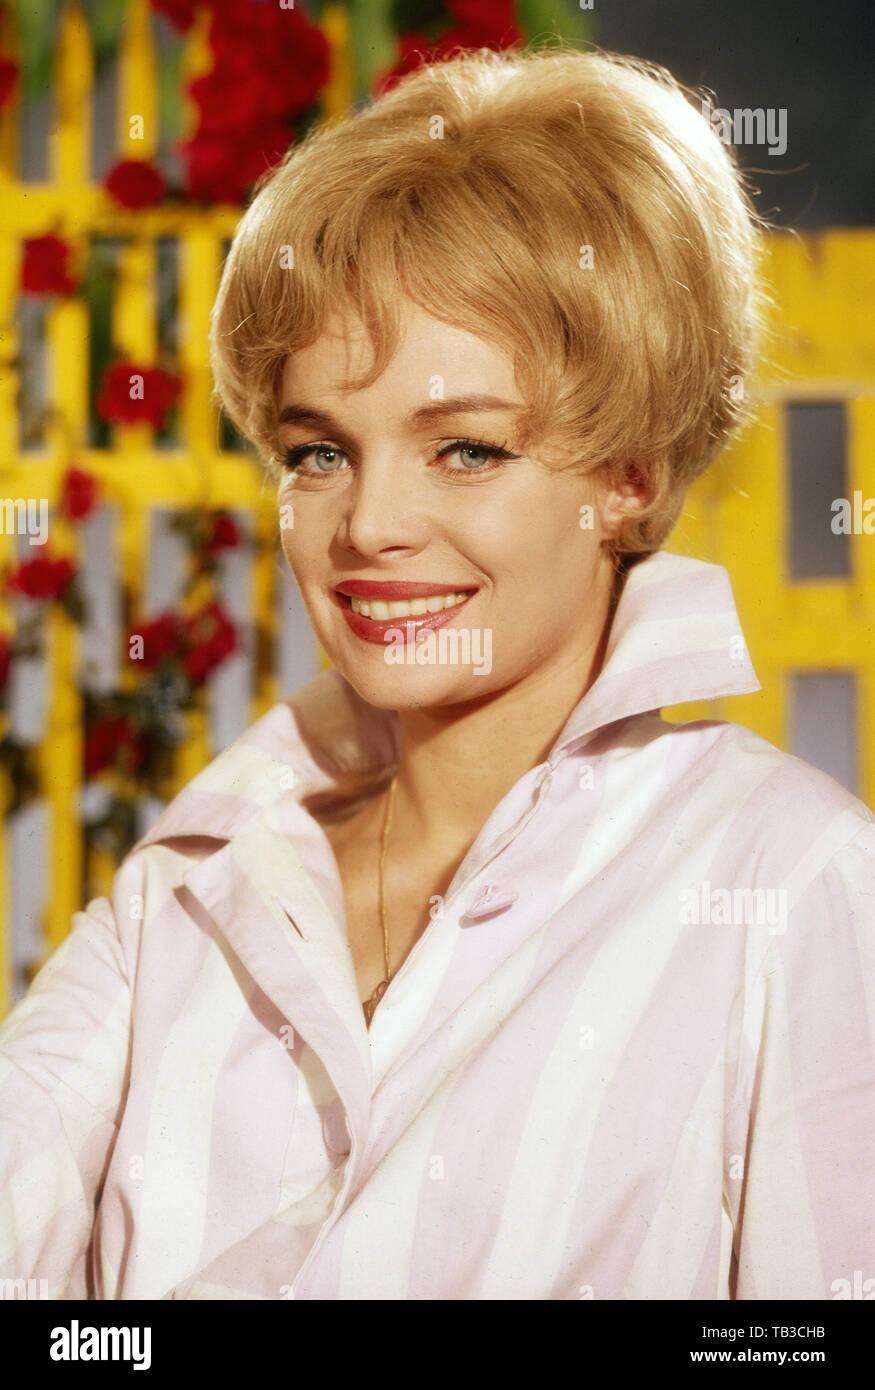 Schauspielerin blond deutschland